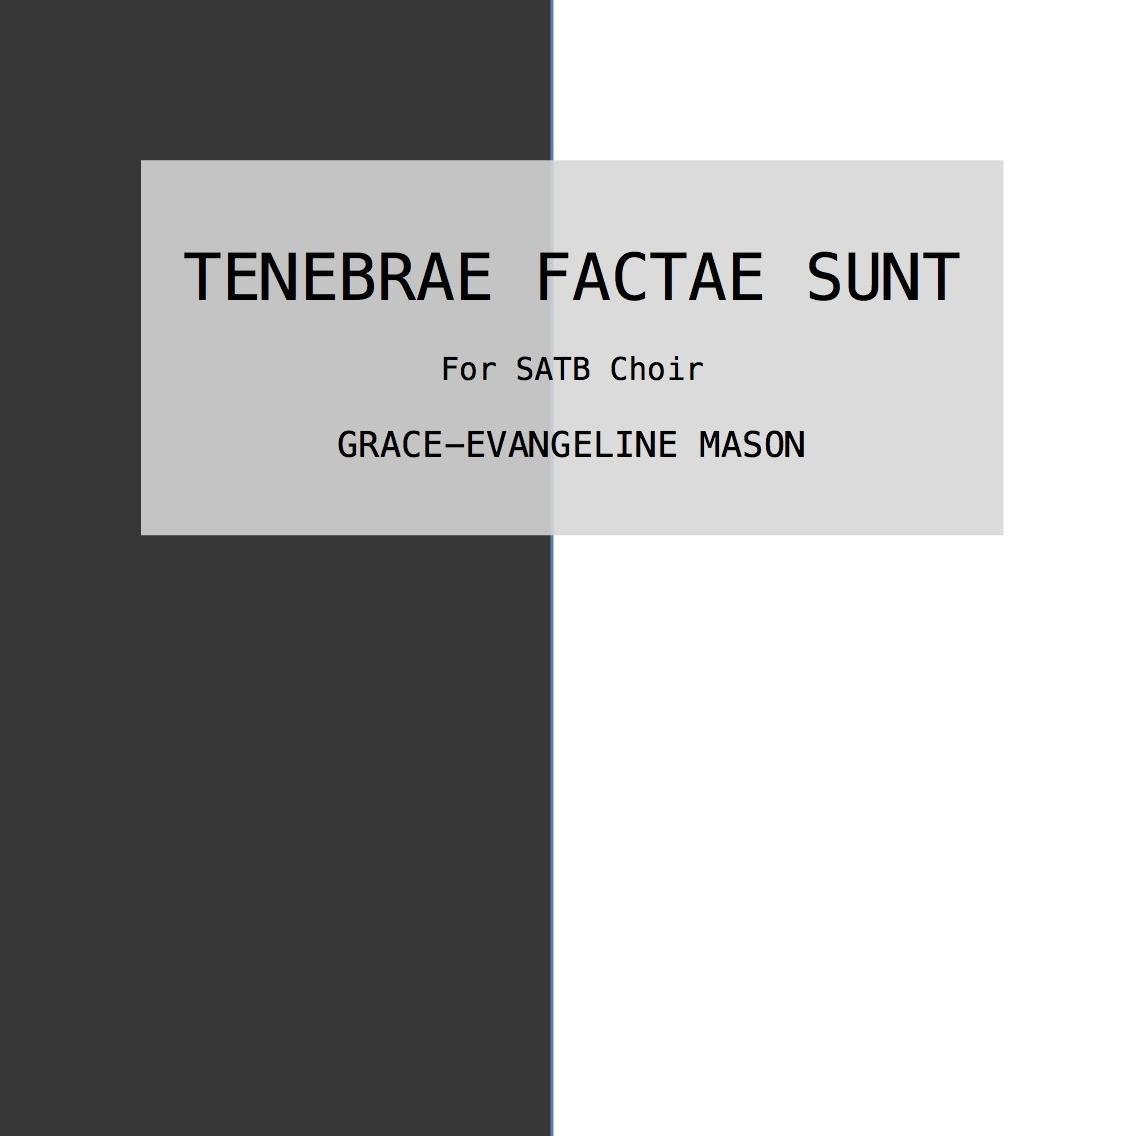 TENEBRAE FACTAE SUNT (2018)